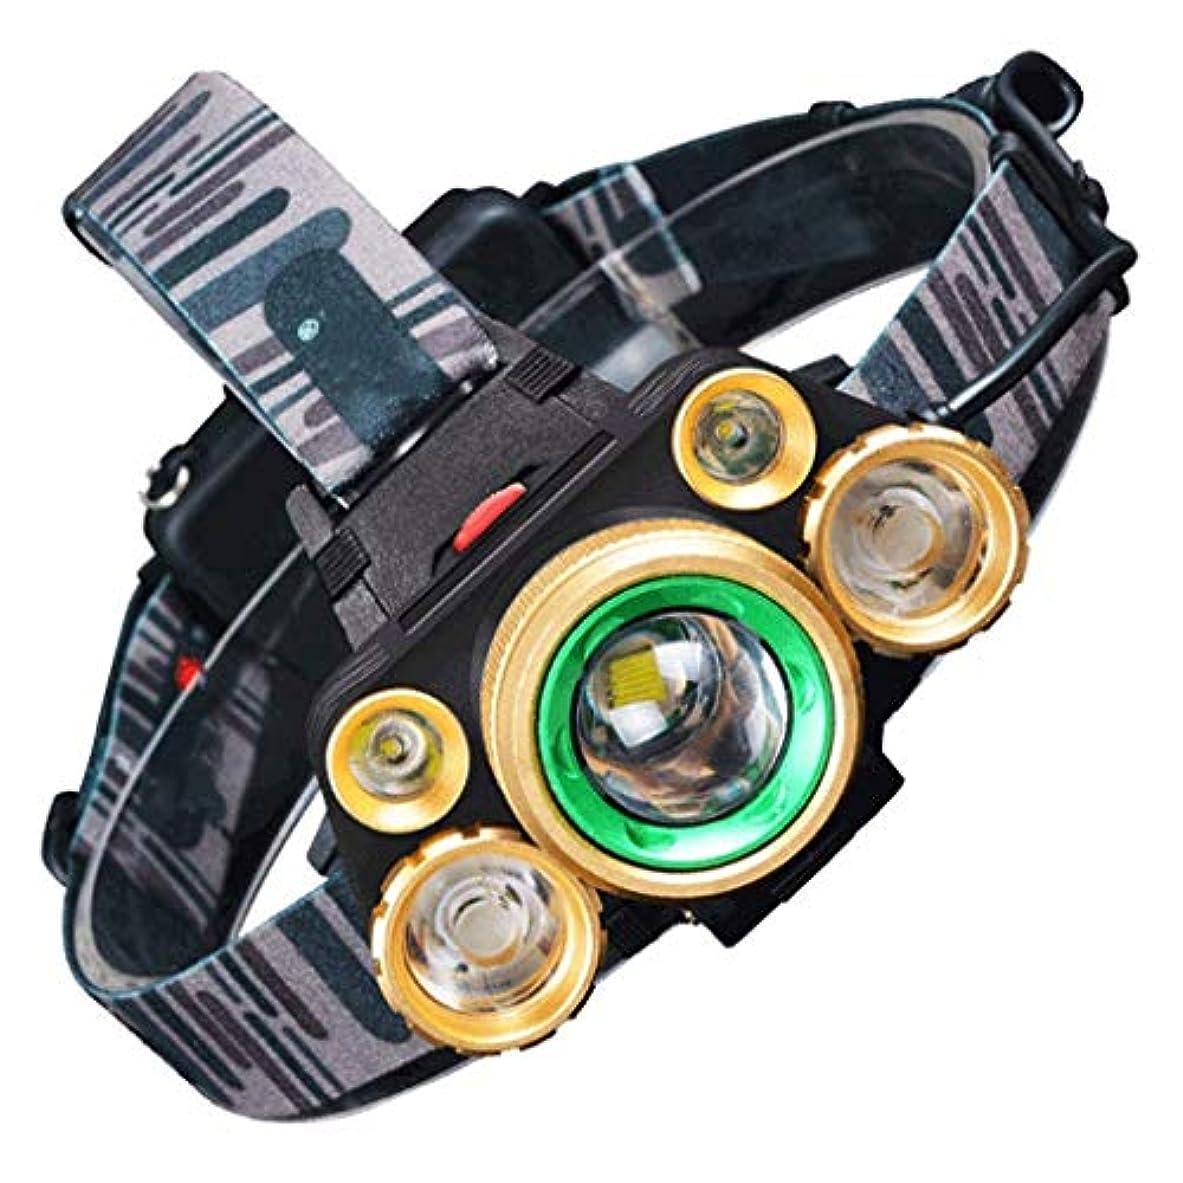 北東男やもめ推測するYFFSS LEDヘッドライト防水照明ヘッドライト防災クイックレポート5灯タイプ4ブロック照明モード登山夜釣り屋外作業充電